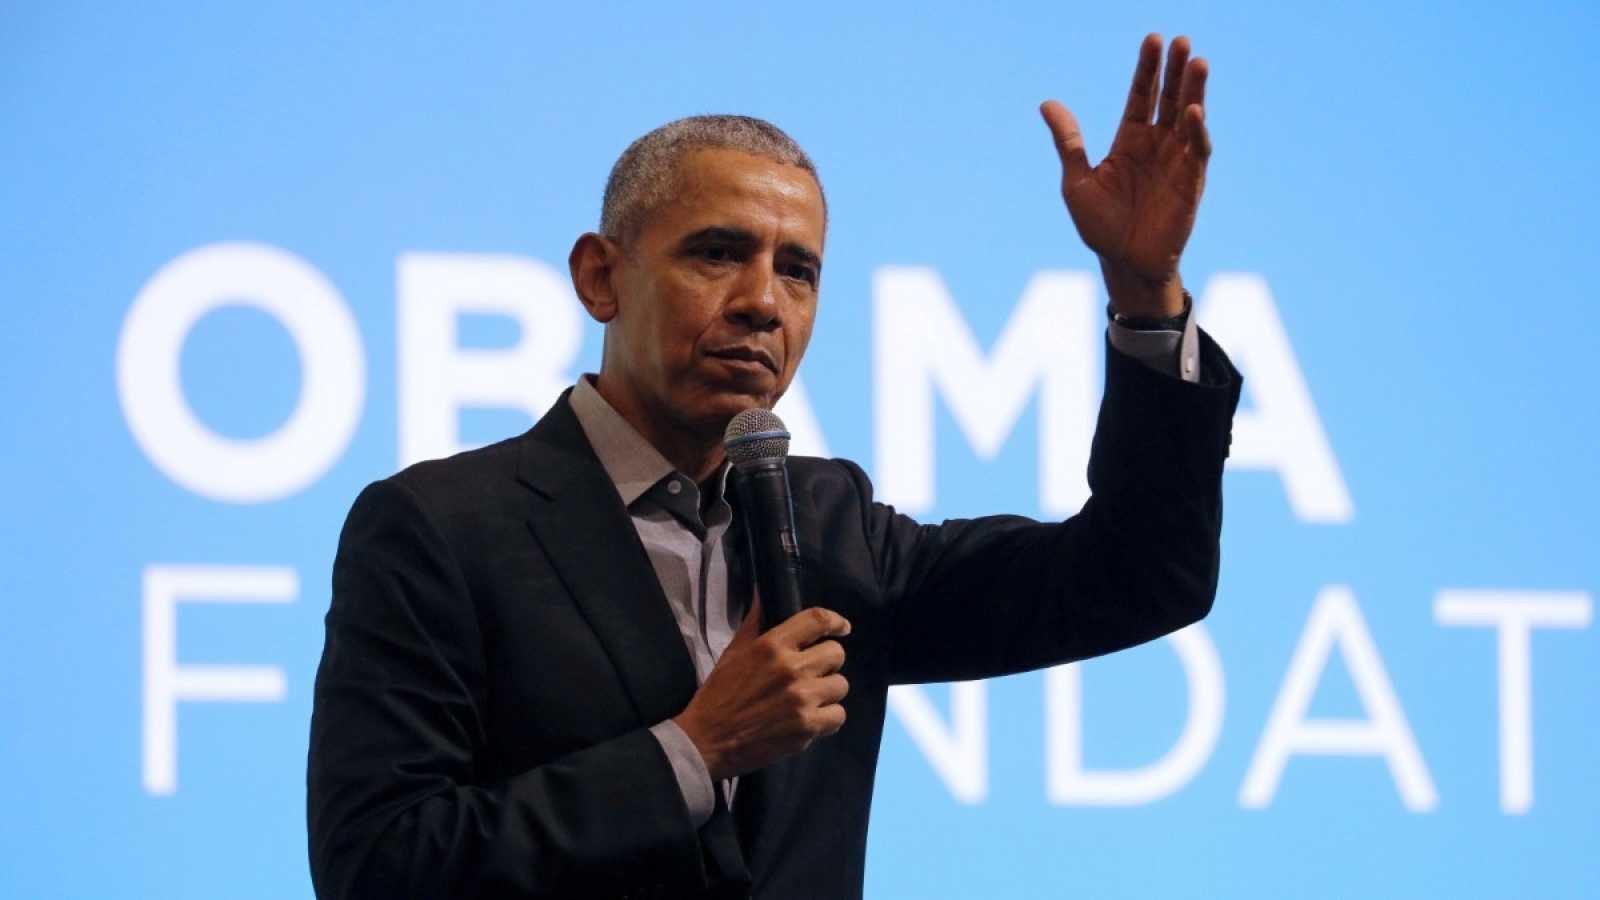 El expresidente de Estados Unidos, Barack Obama, habla durante un evento de la Fundación Obama en Kuala Lumpur, Malasia, a finales de 2019.